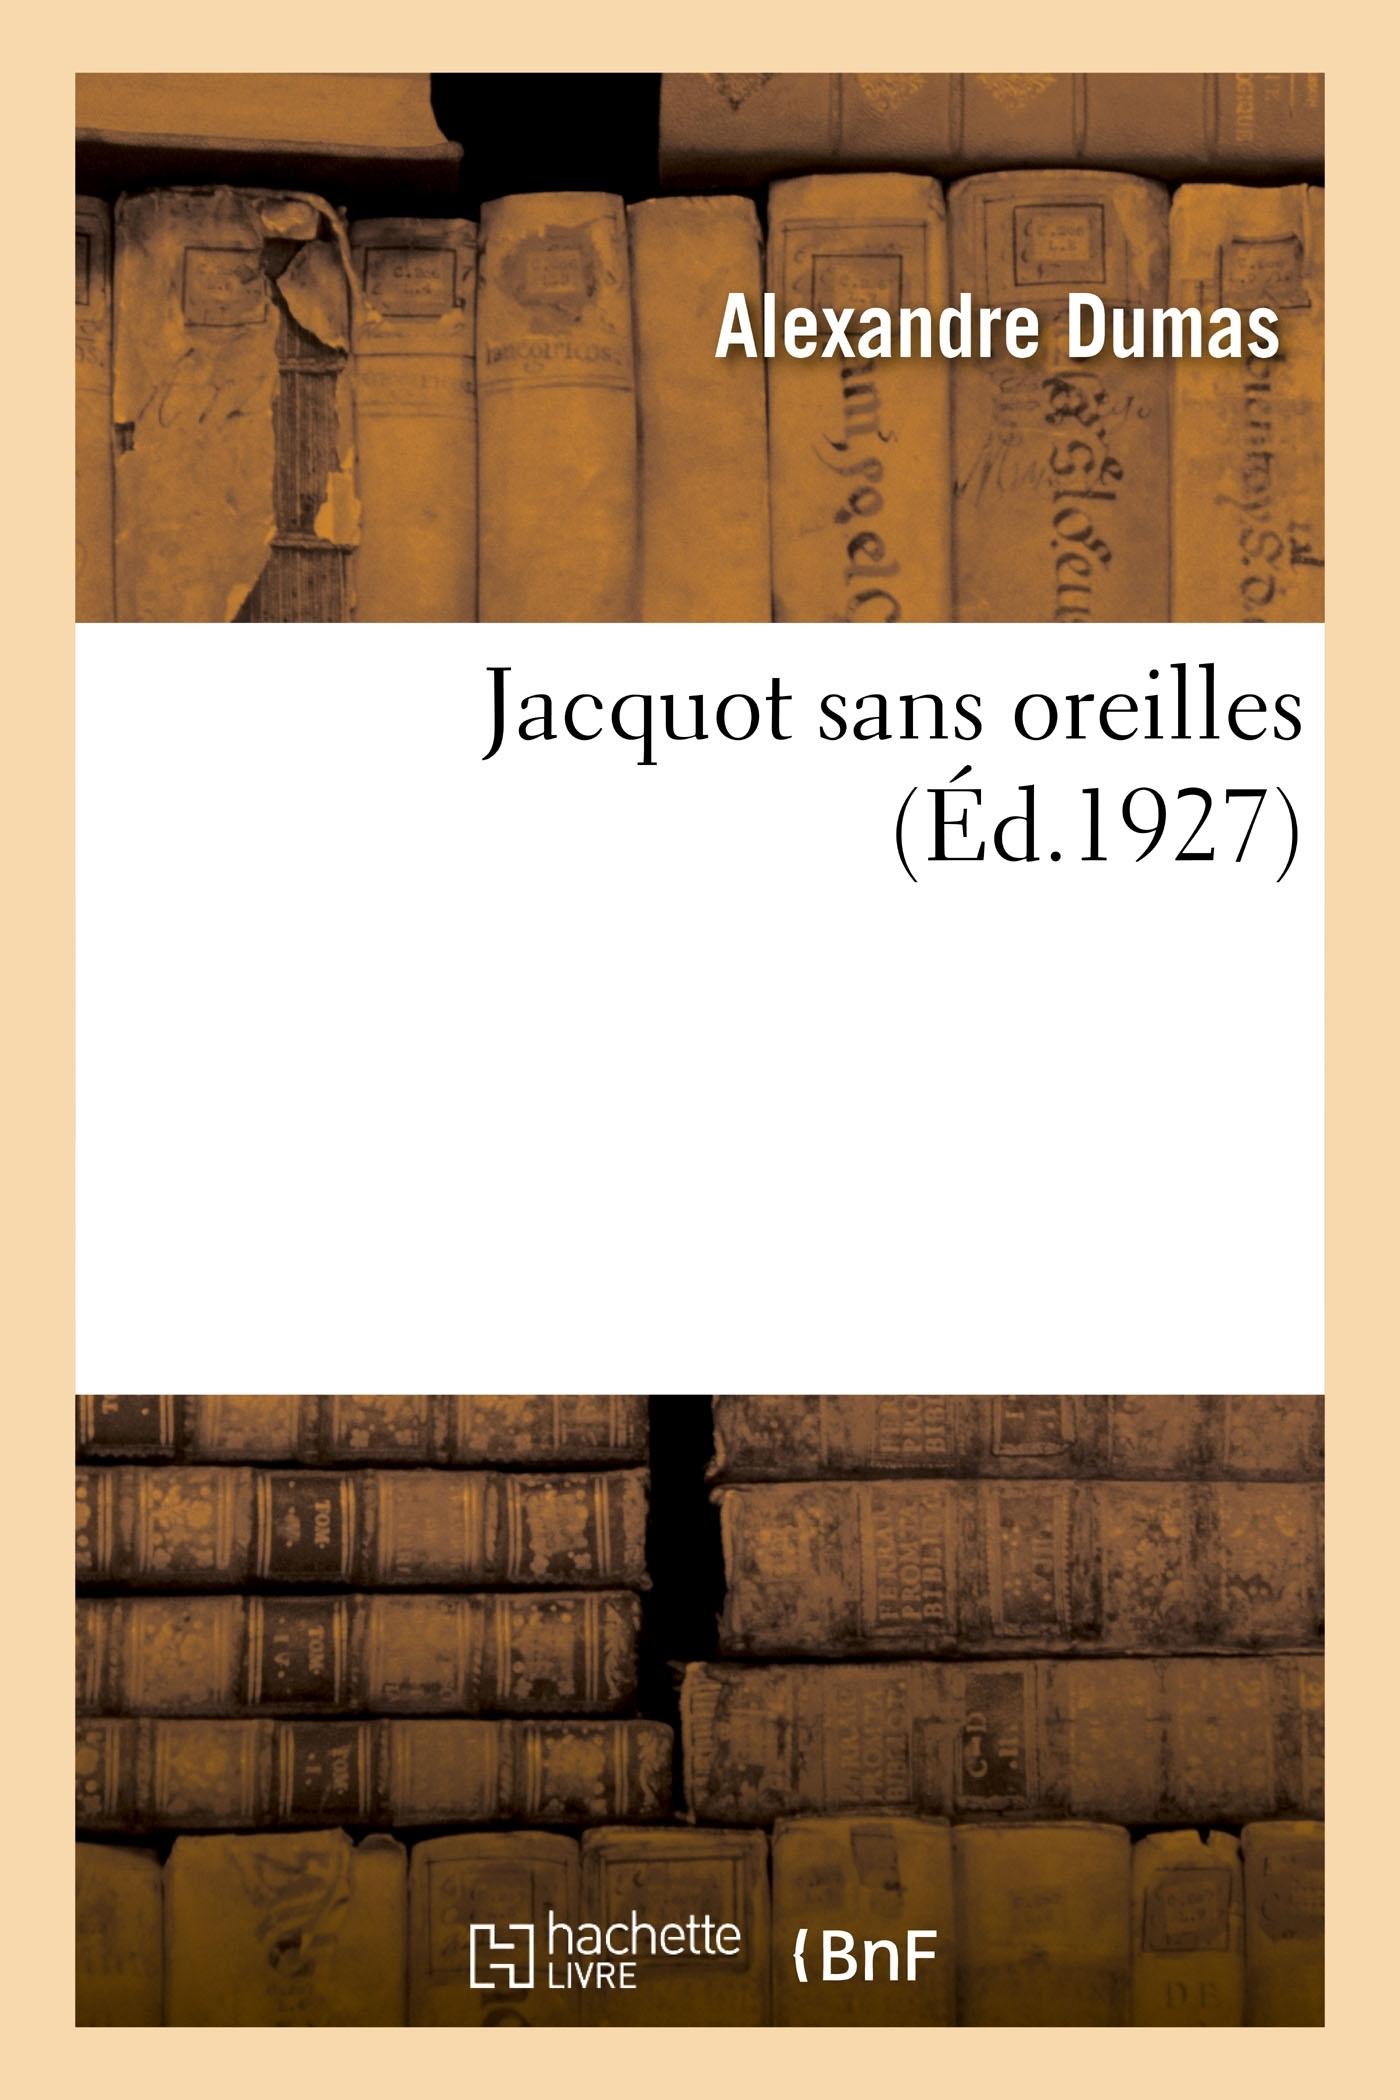 JACQUOT SANS OREILLES